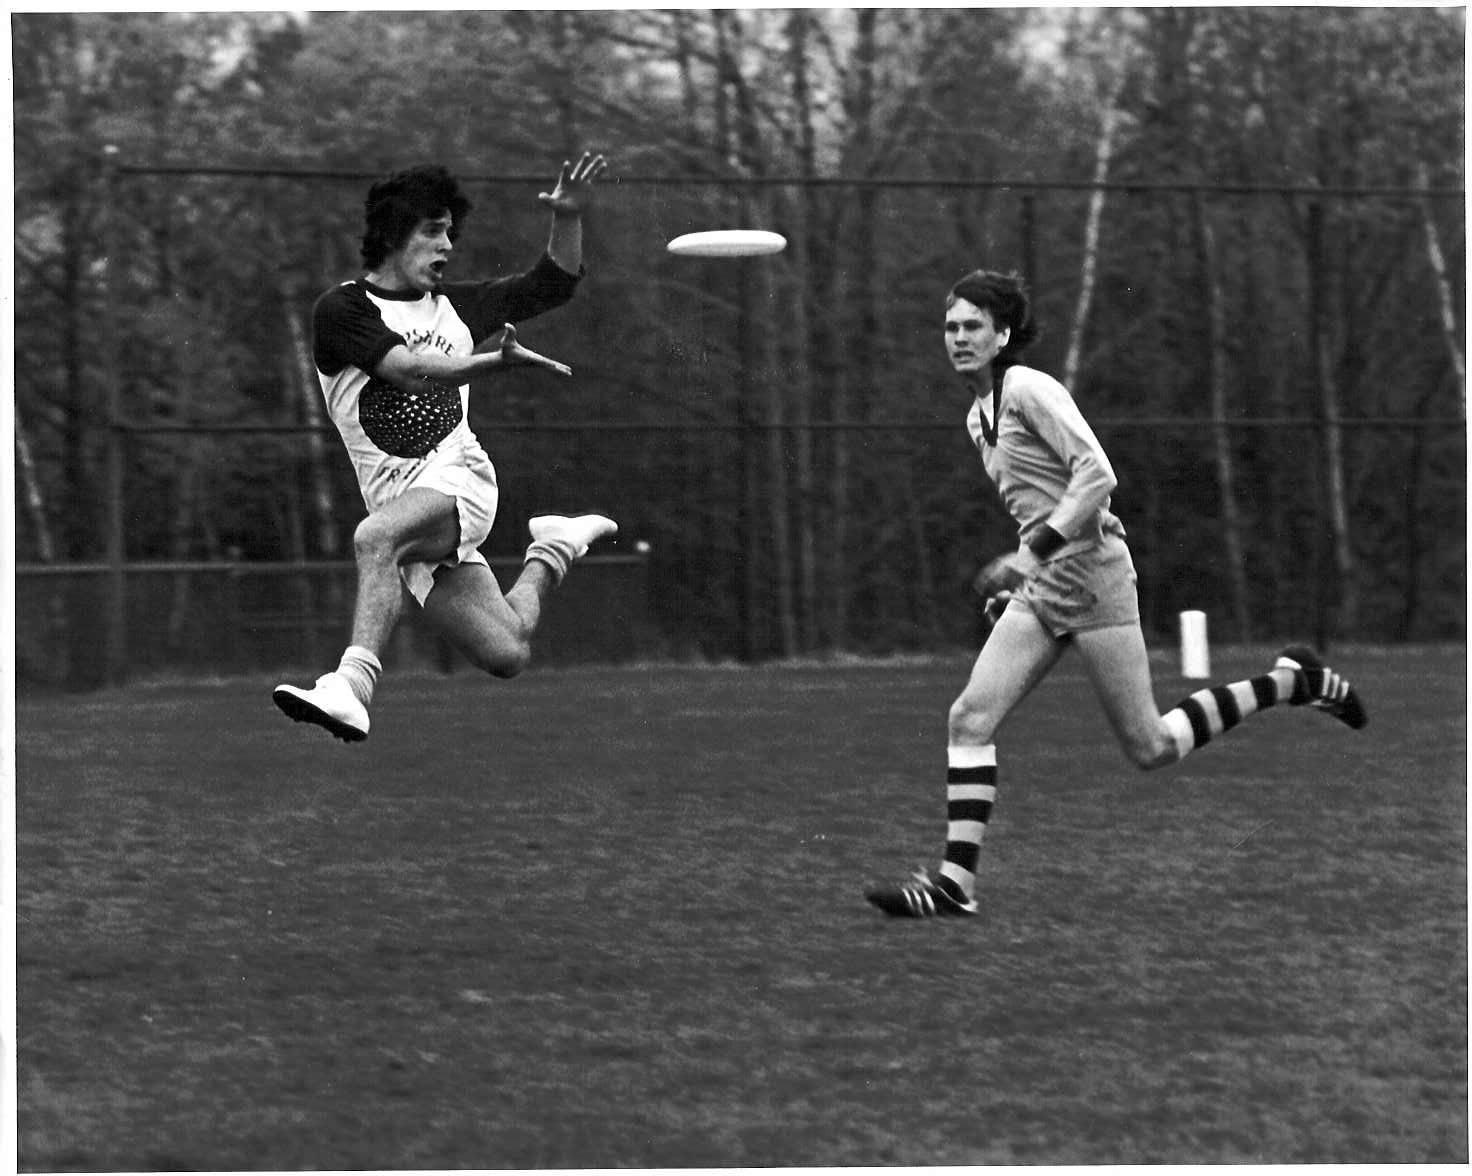 history-of-ultimate-frisbee.jpg